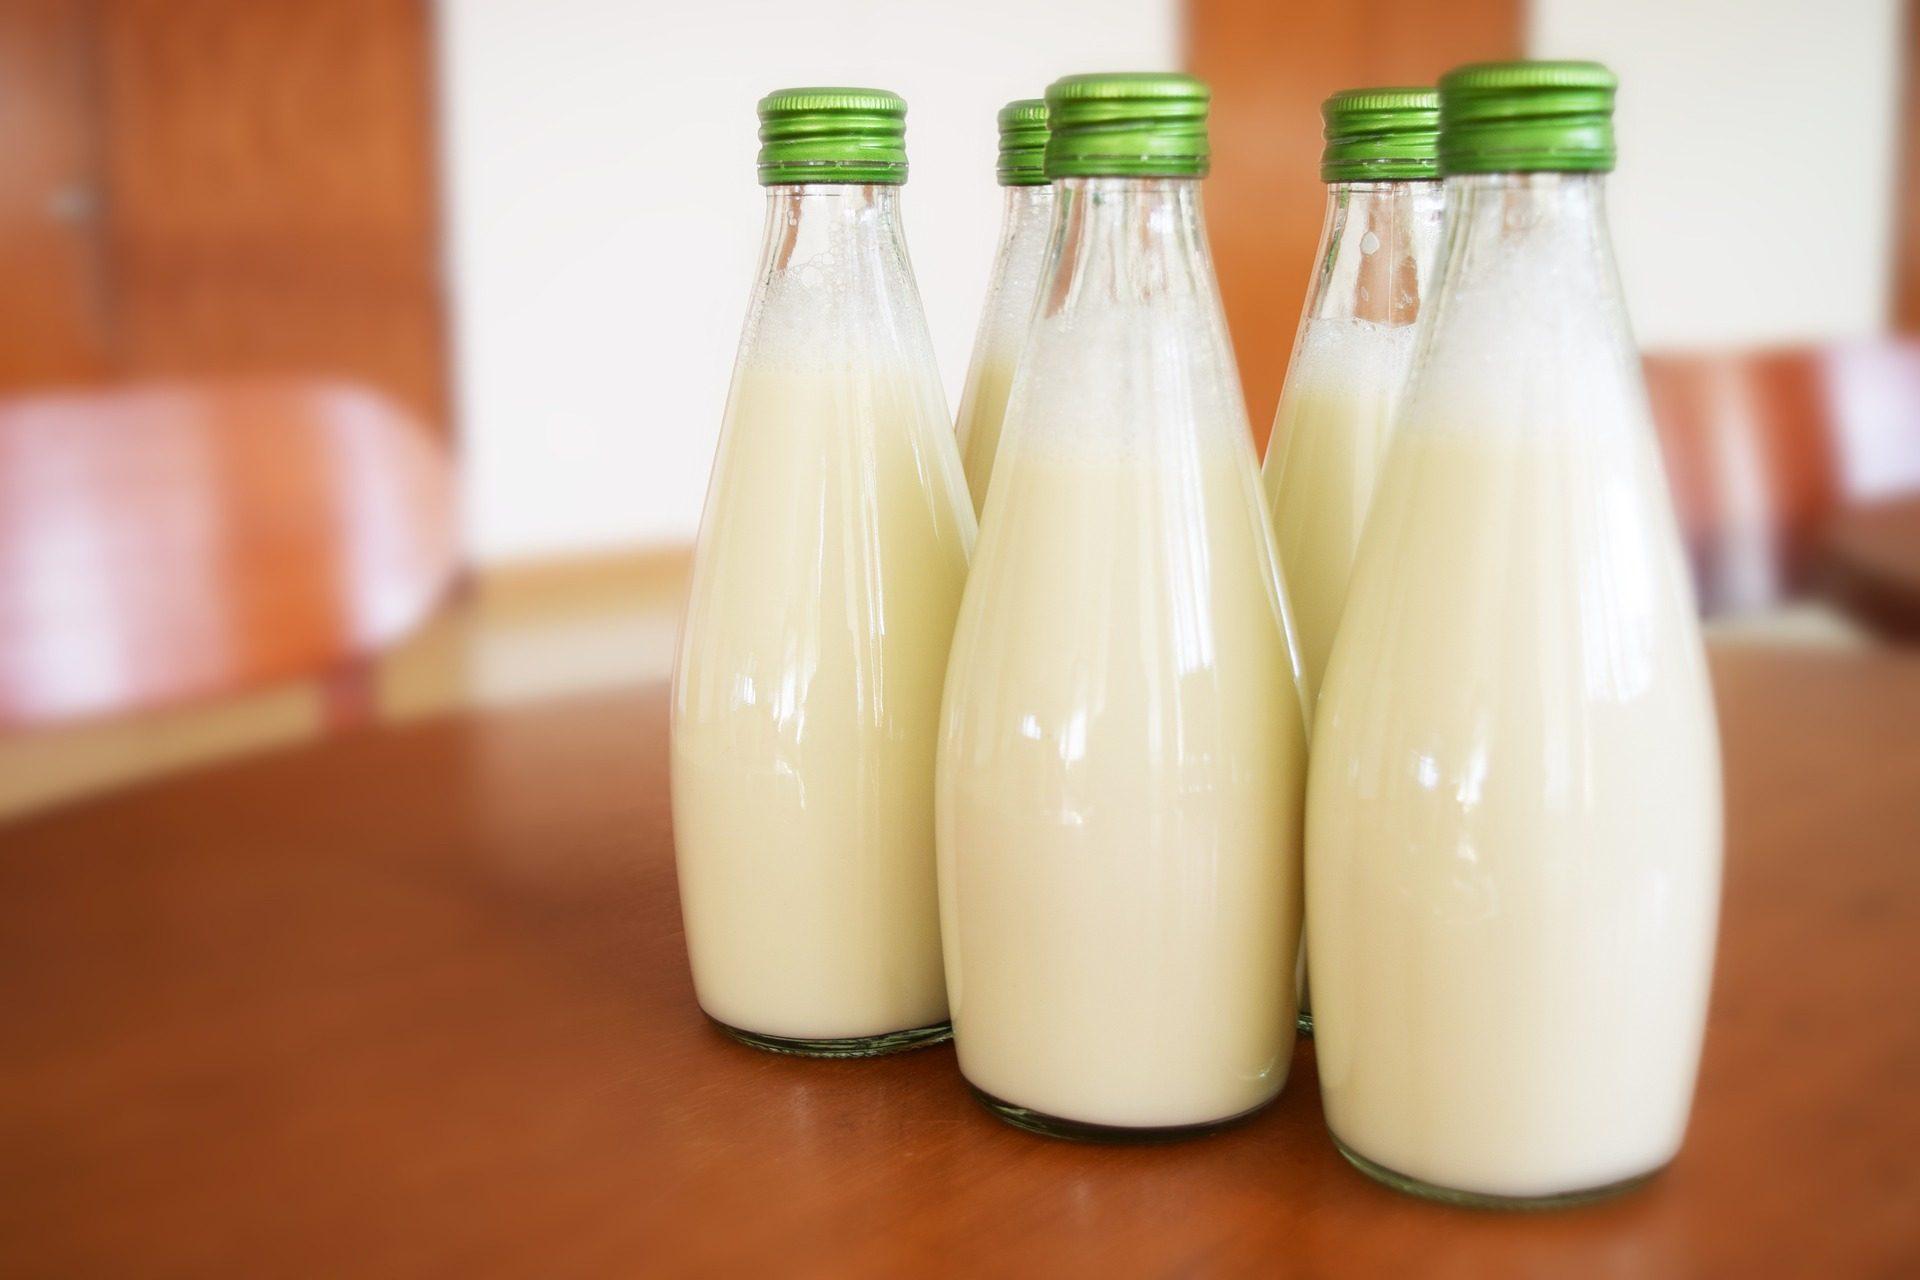 γάλα, μπουκάλια, Κρύσταλλο, Βύσματα, υγιείς - Wallpapers HD - Professor-falken.com